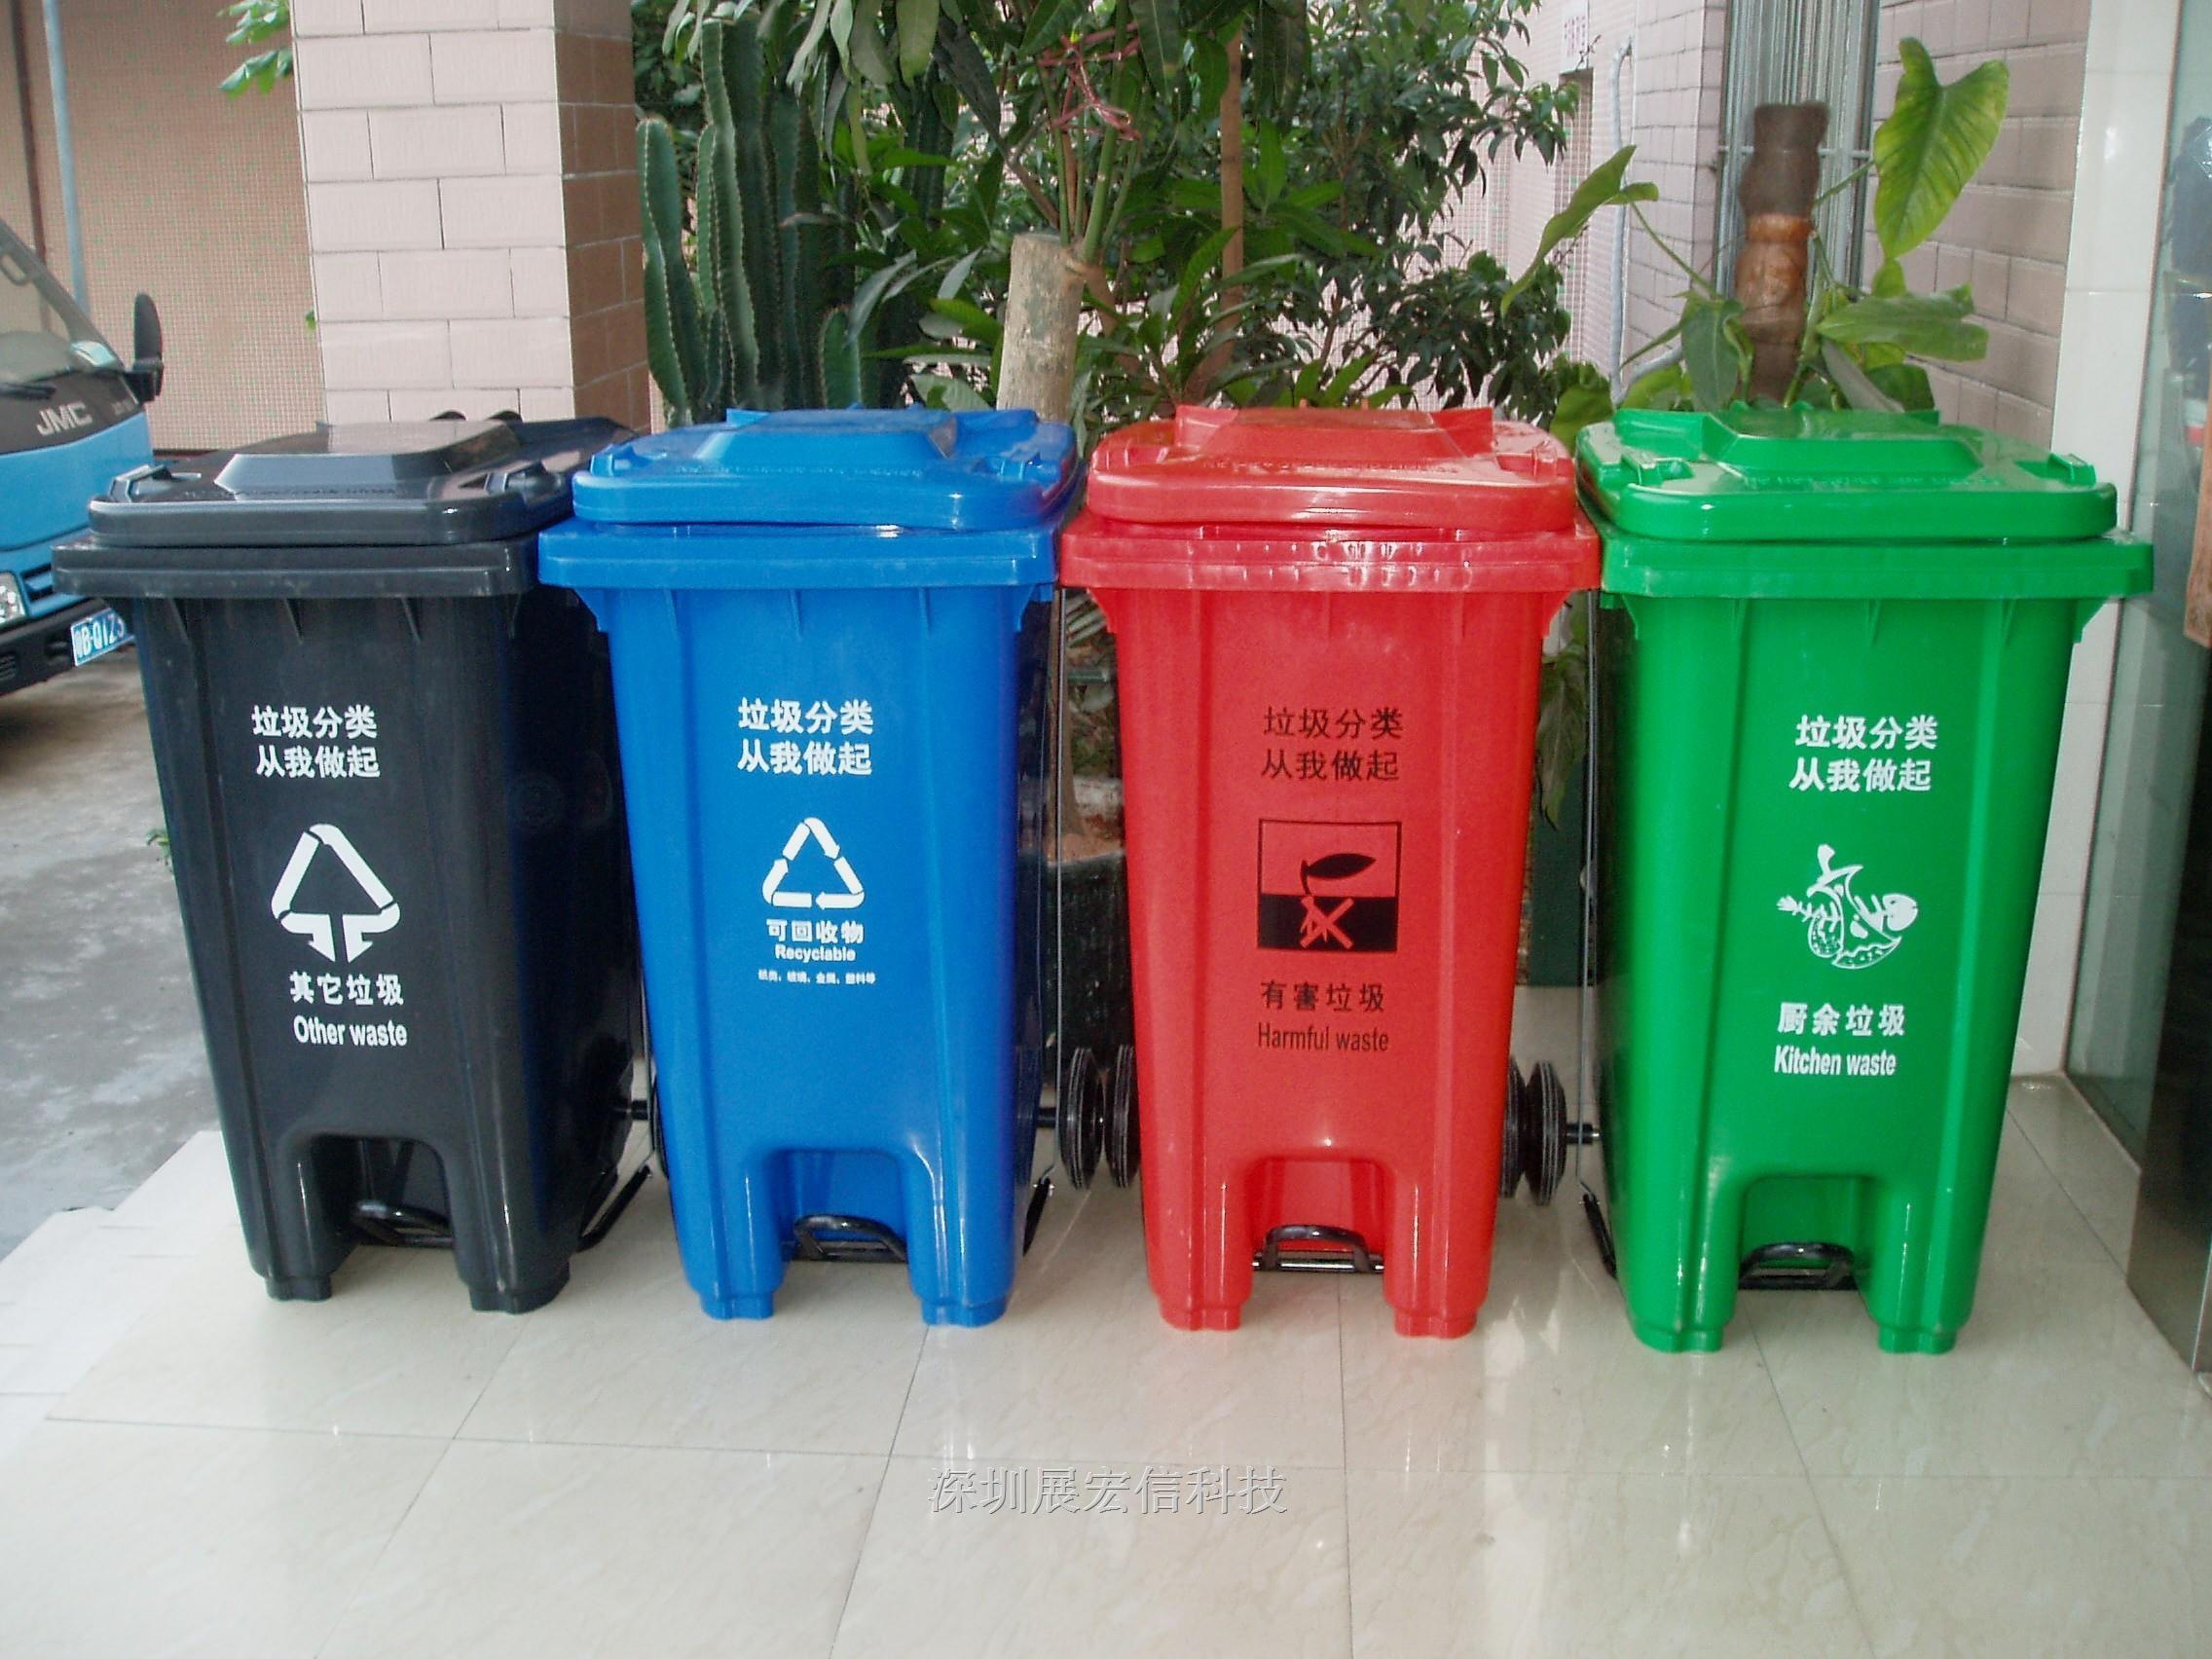 塑料四分类垃圾桶,餐厨垃圾分类桶,有四种不同颜色摆放在一起,容量有60升,120升,240升,适用于各种不同场所。展宏信领先开发餐厨垃圾分类桶,特别加厚材质,能直接上垃圾车。 常规分类为:灰色其它垃圾、红色有害垃圾、绿色厨余垃圾、蓝色可回收垃圾 该类产品可配脚踏也可不配脚踏。 网址:www.